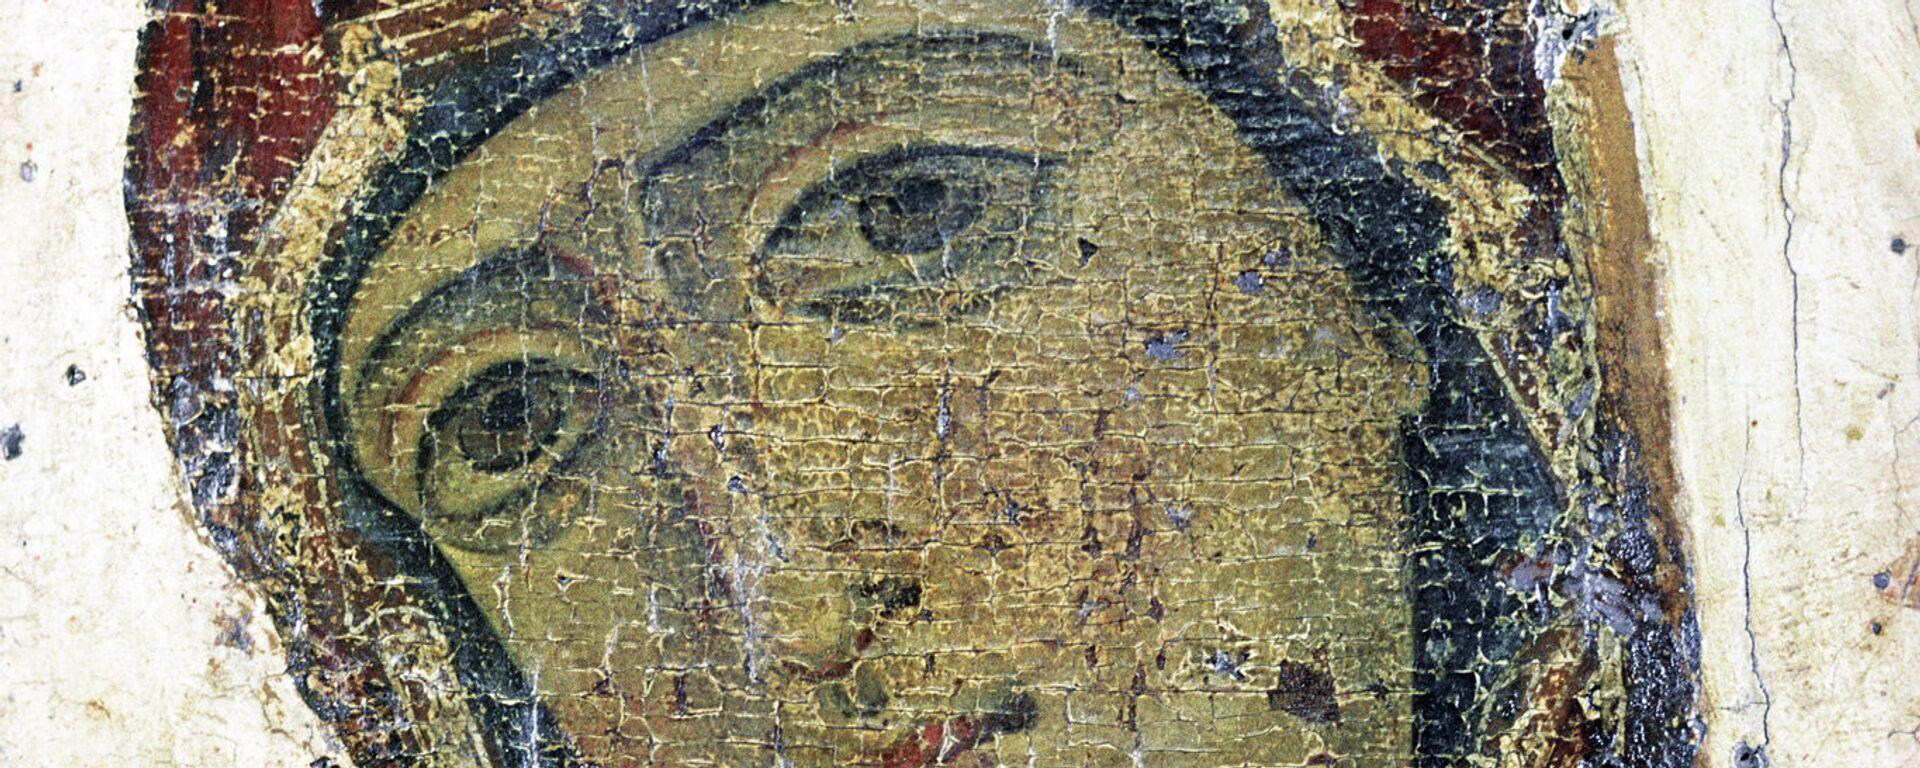 Изображение Богоматери. Фрагмент иконы Благовещение (Устюжское) - Sputnik Грузия, 1920, 06.04.2021